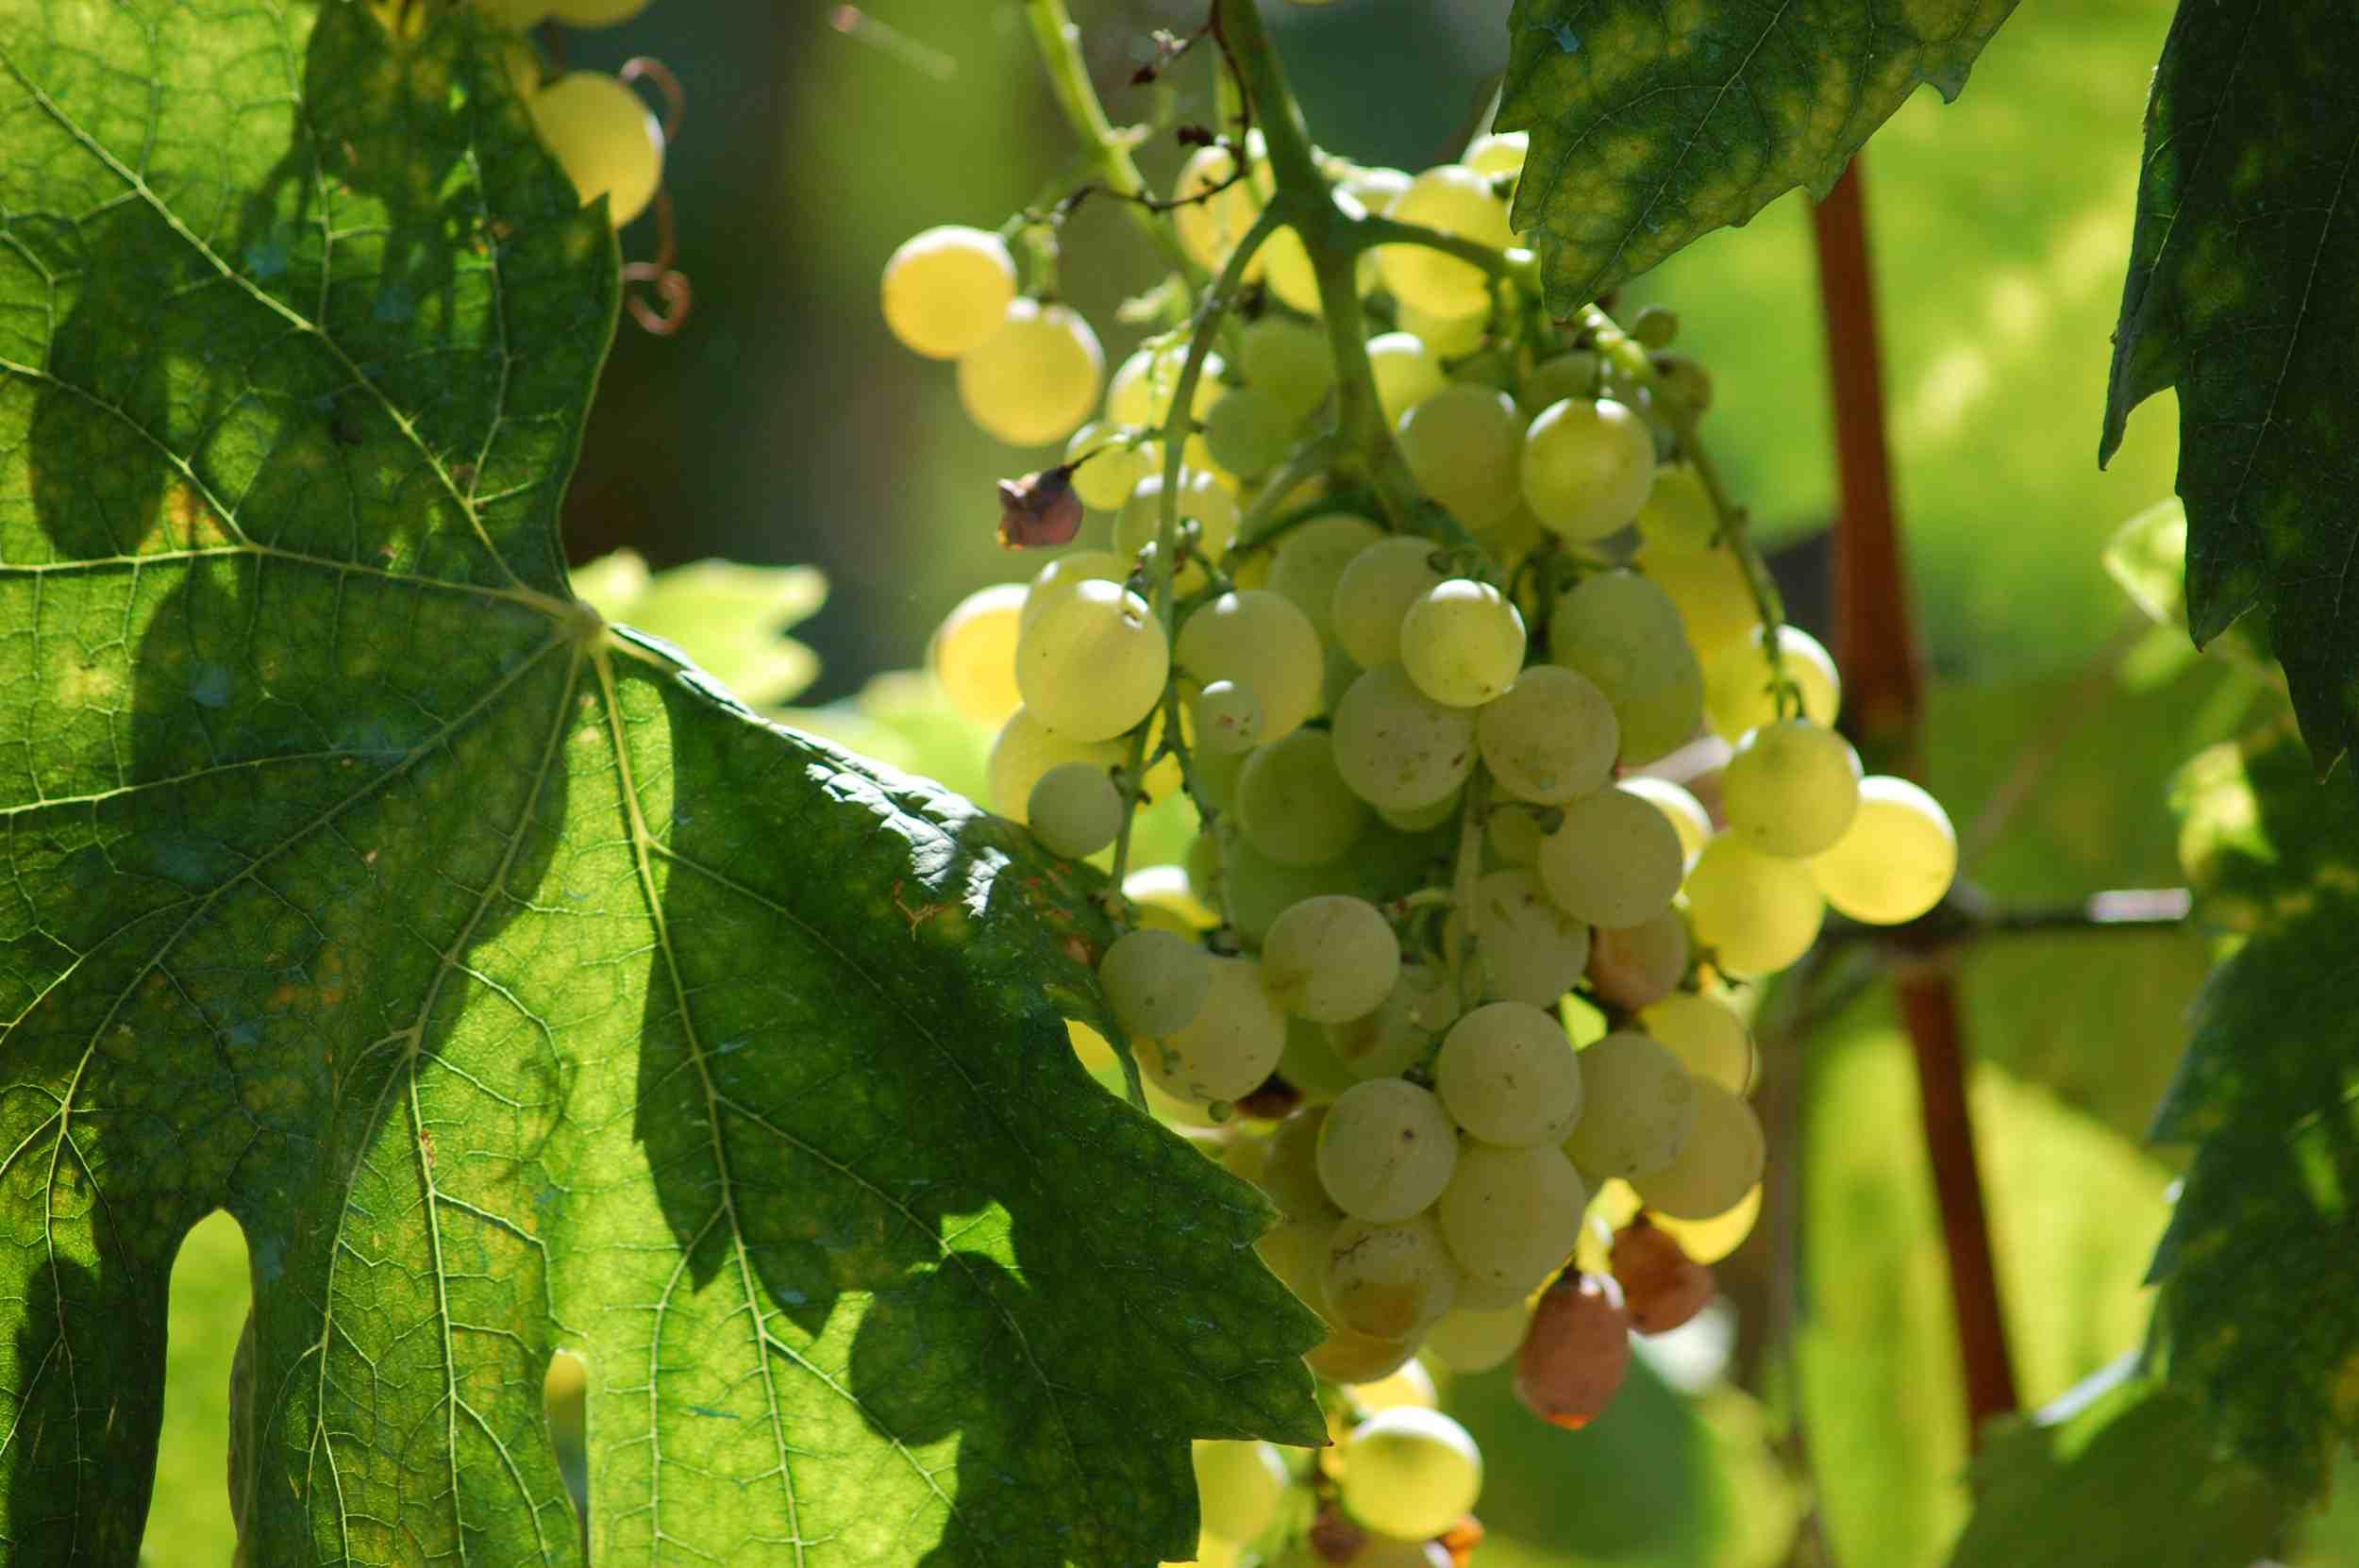 Trebbiano grapes for making white balsamic vinegar